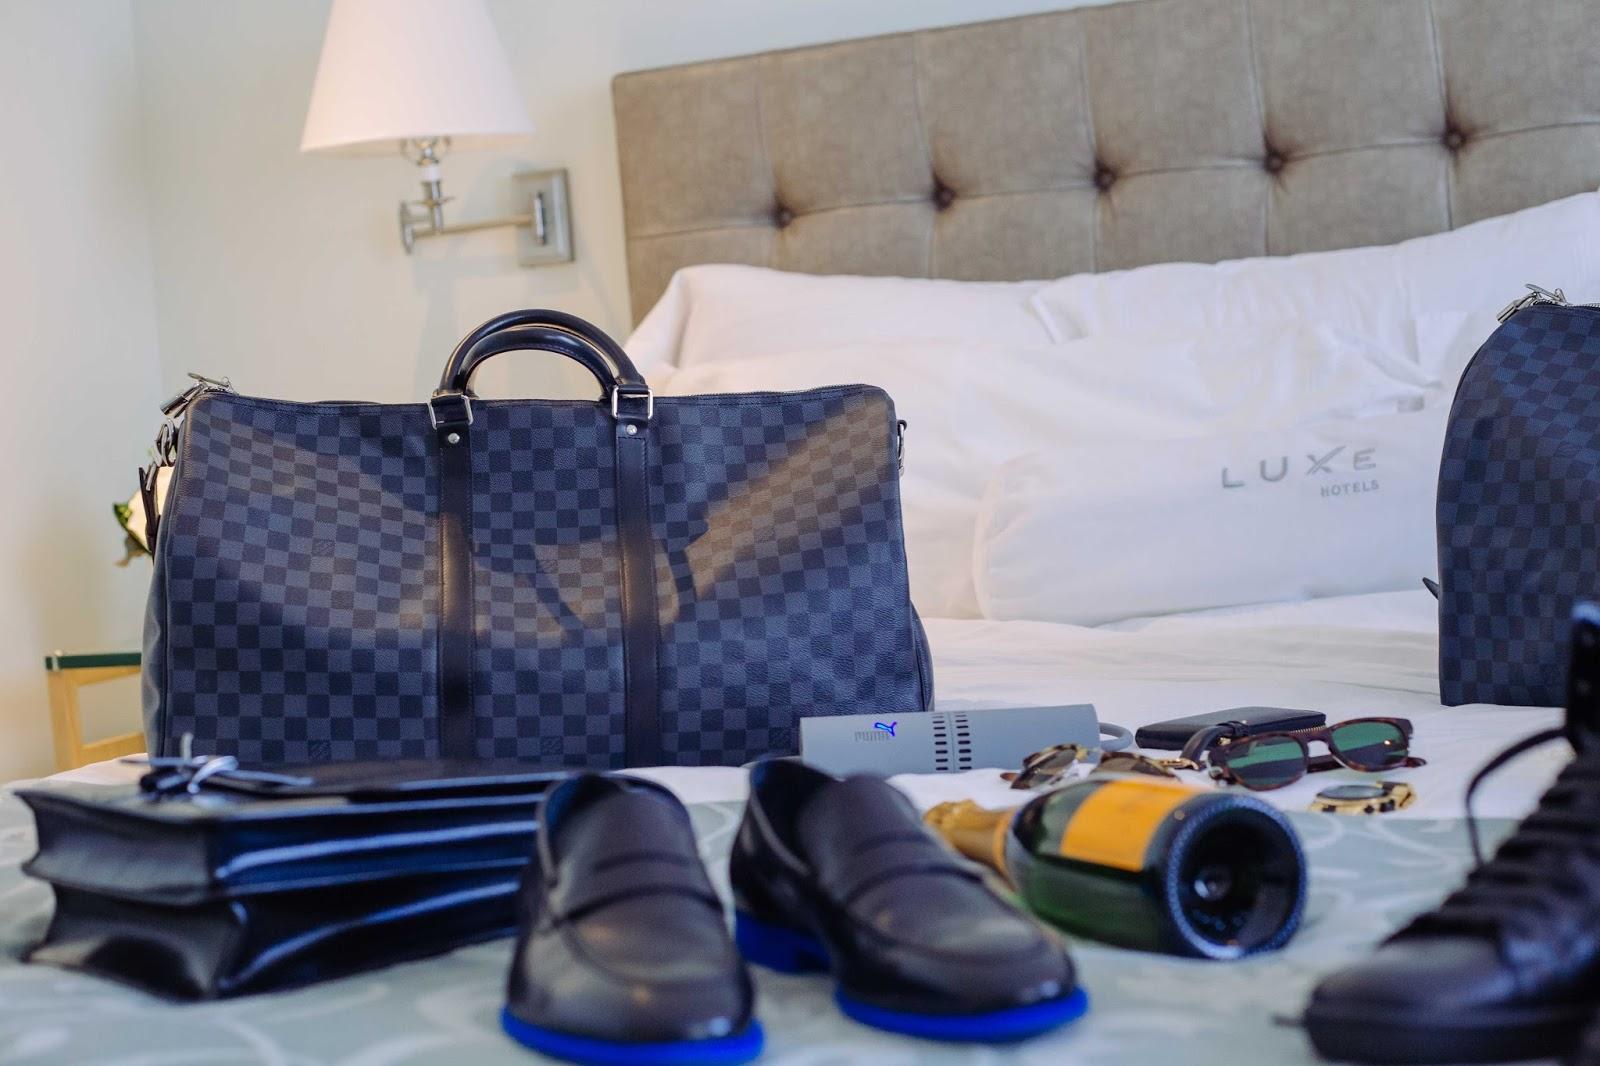 mybelonging-luxehotels-rodeodrive-dayinthelife-36.jpg